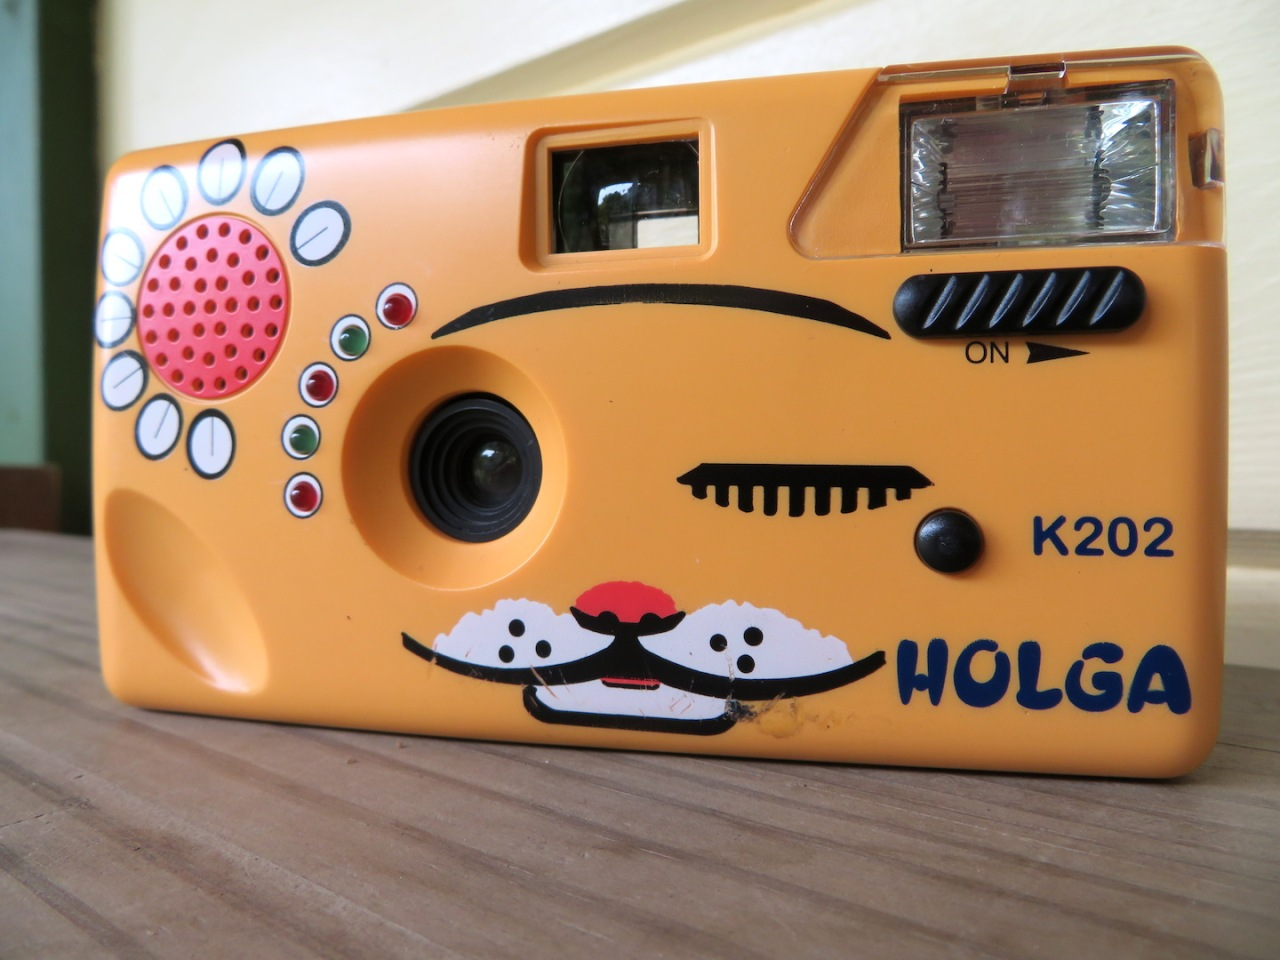 Holga K202